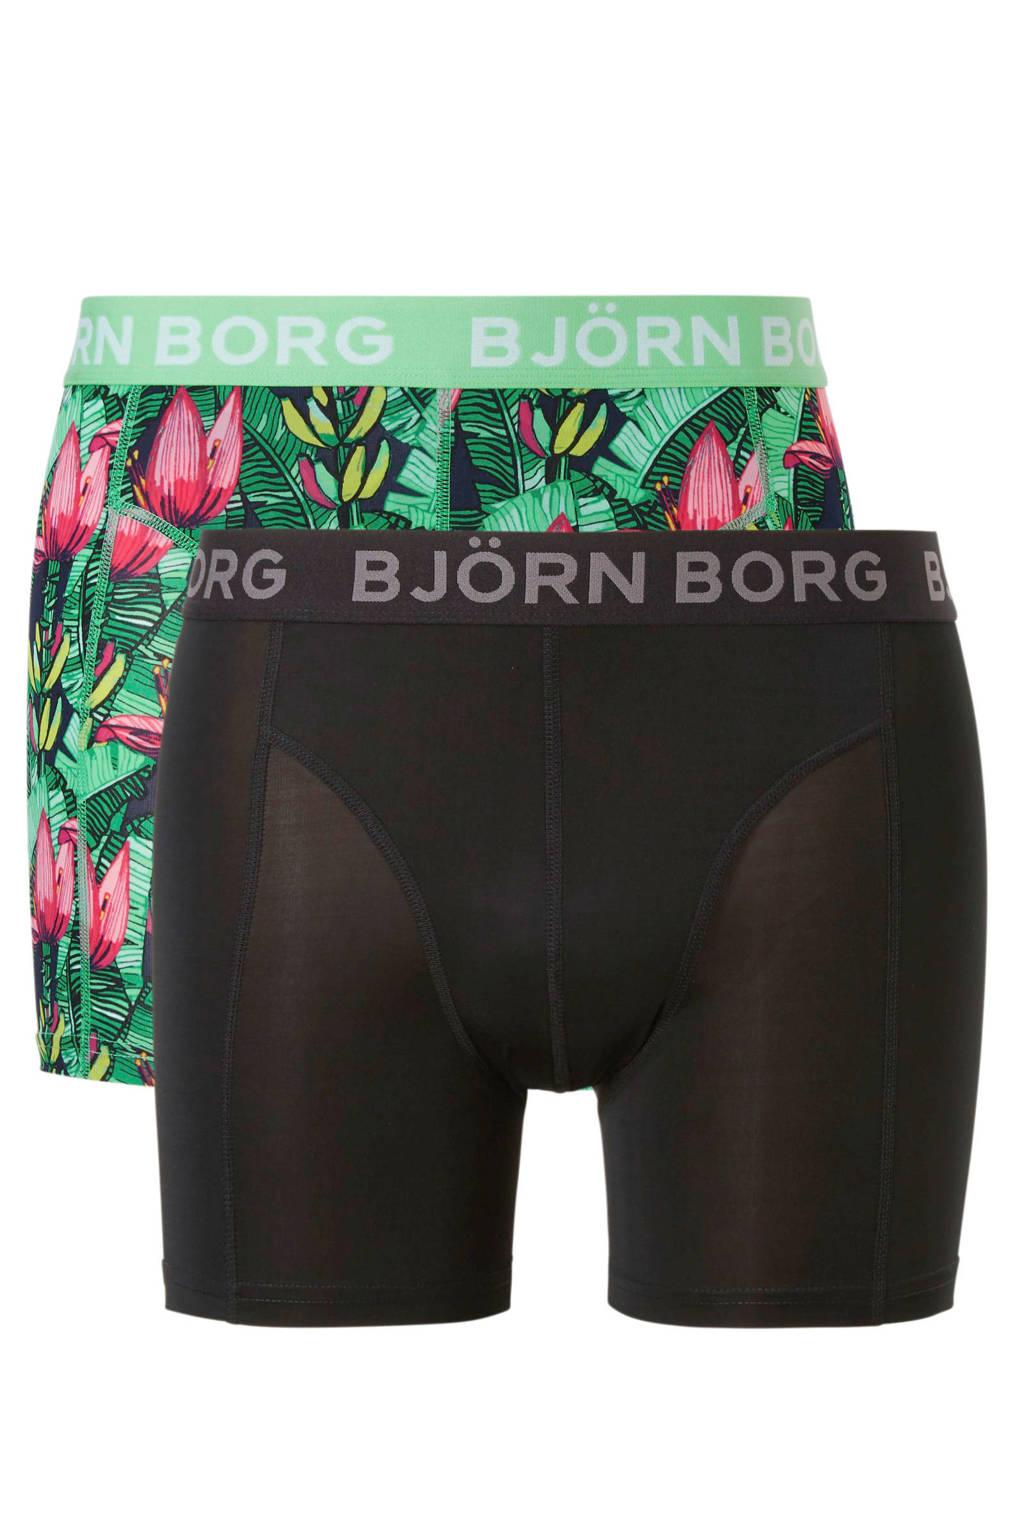 Björn Borg boxershort (set van 2), Zwart/groen/roze